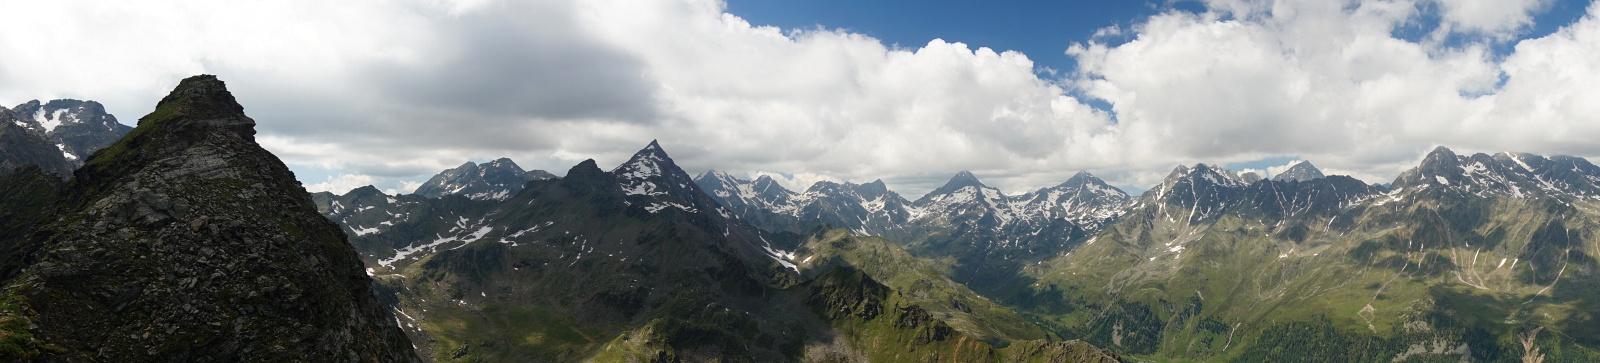 Gipfelpanorama in der Schobergruppe (Klick zur Vergrößerung)